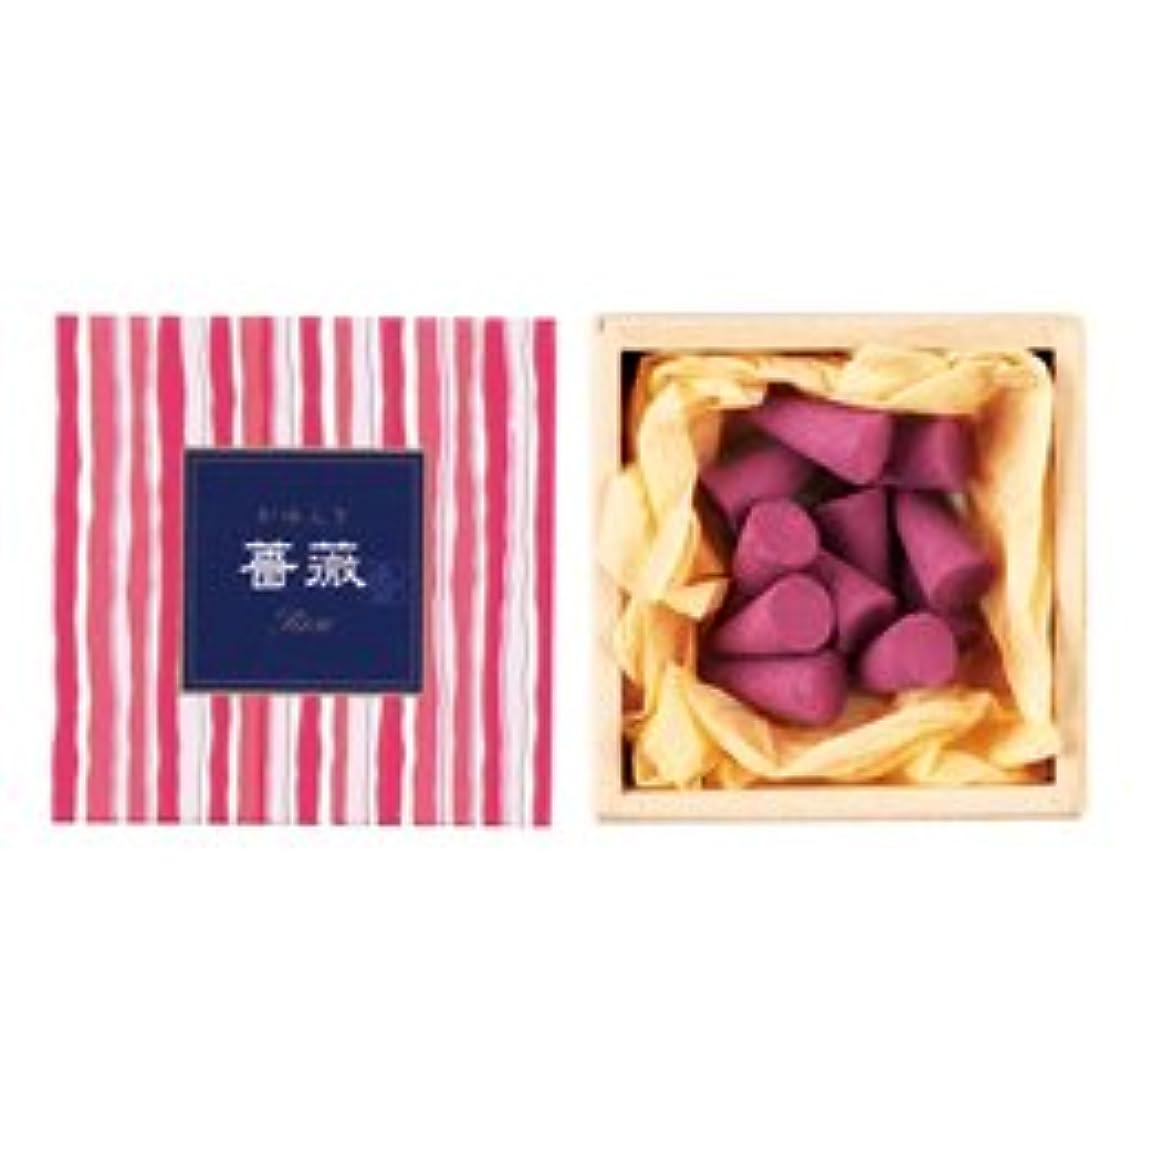 かゆらぎ お香 薔薇 コーン 香立付 12個 【日本香堂】